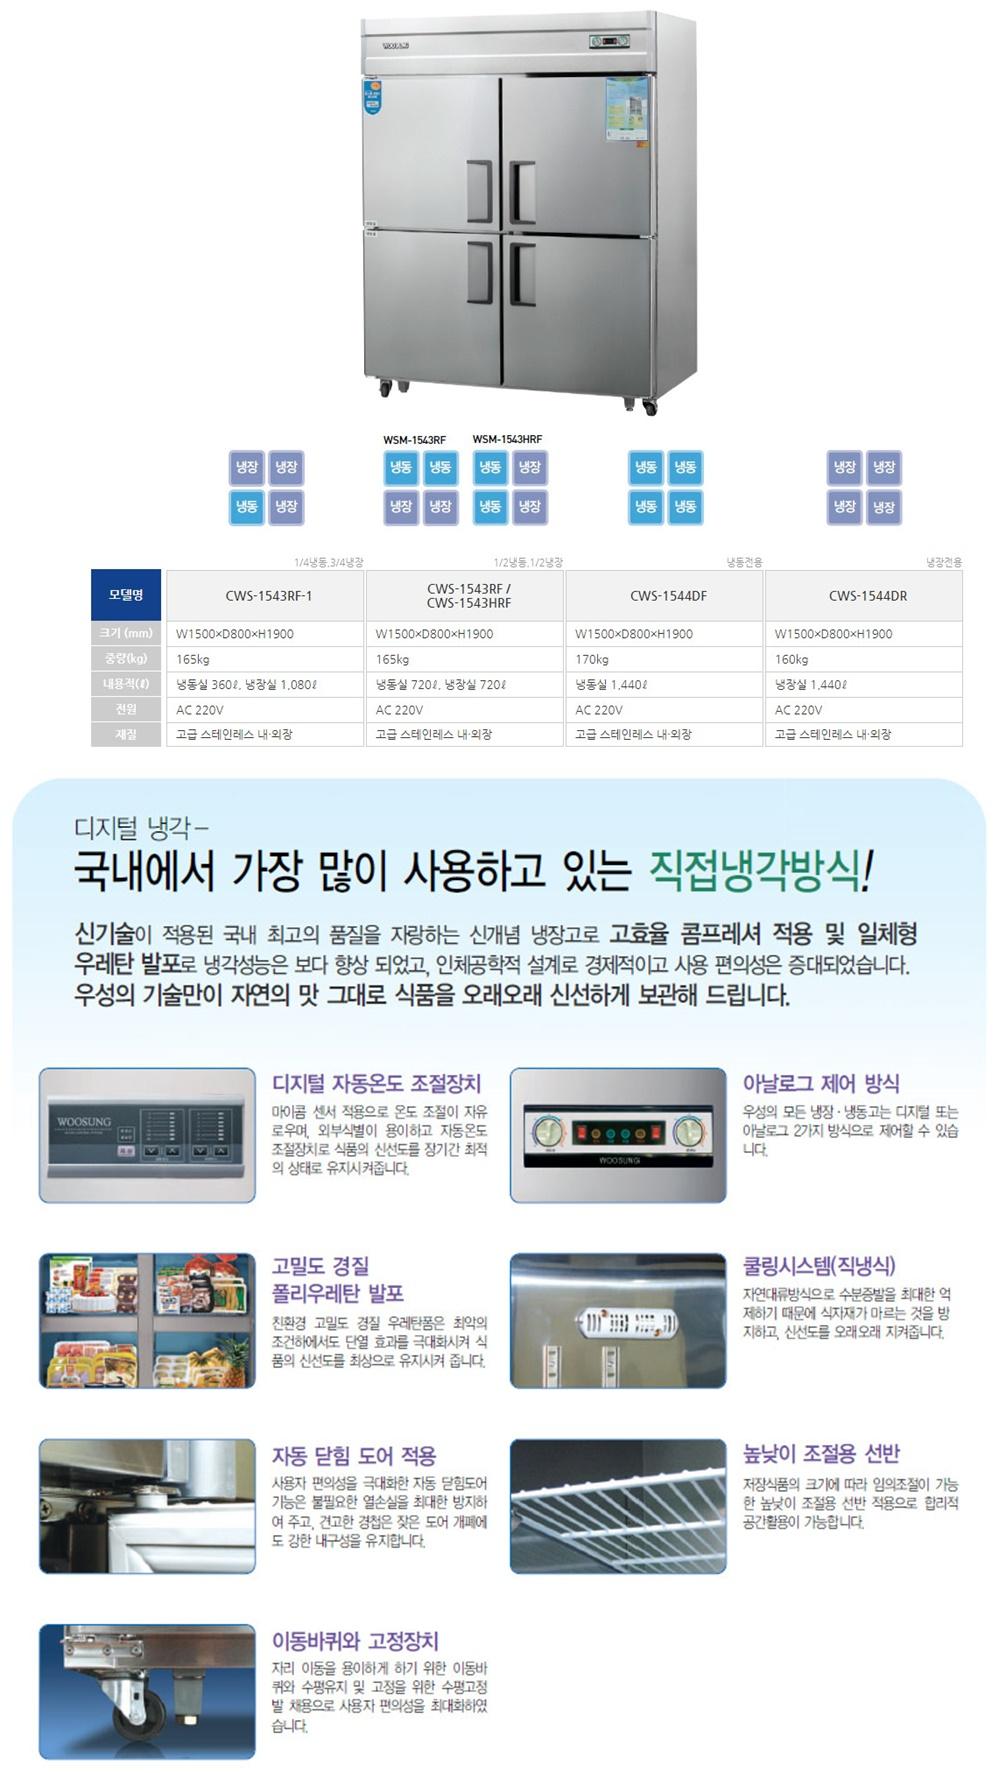 Screenshot2021-05-04at10.59-vert_110837.jpg